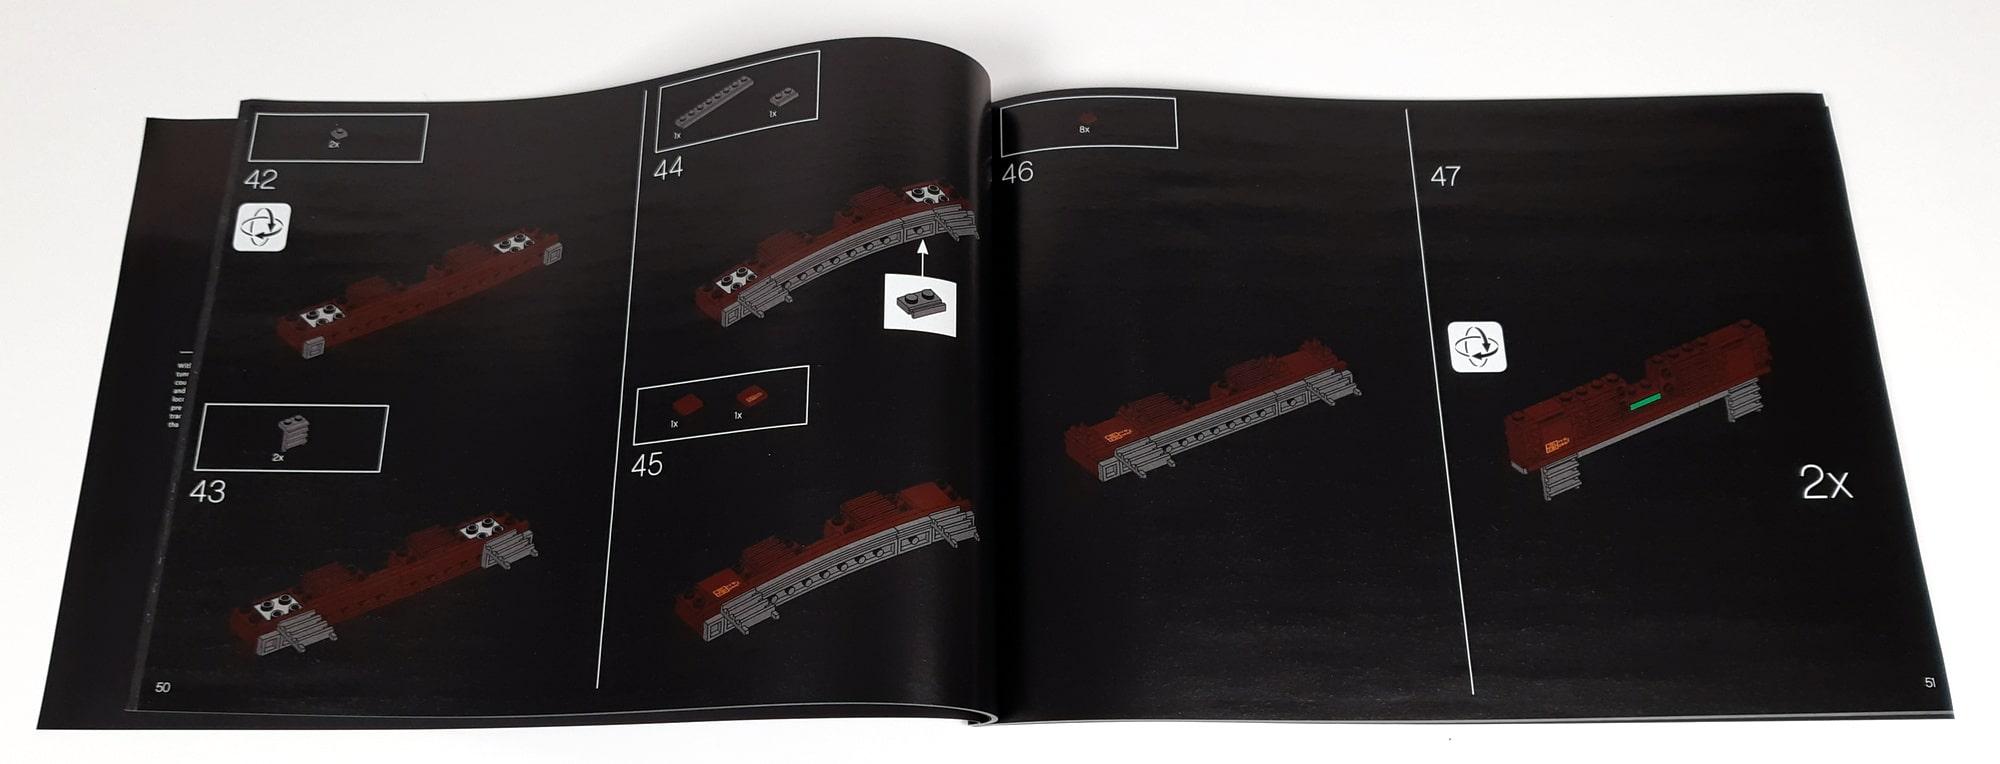 LEGO 10277 Krokodil Lokomotive - Anleitung innen